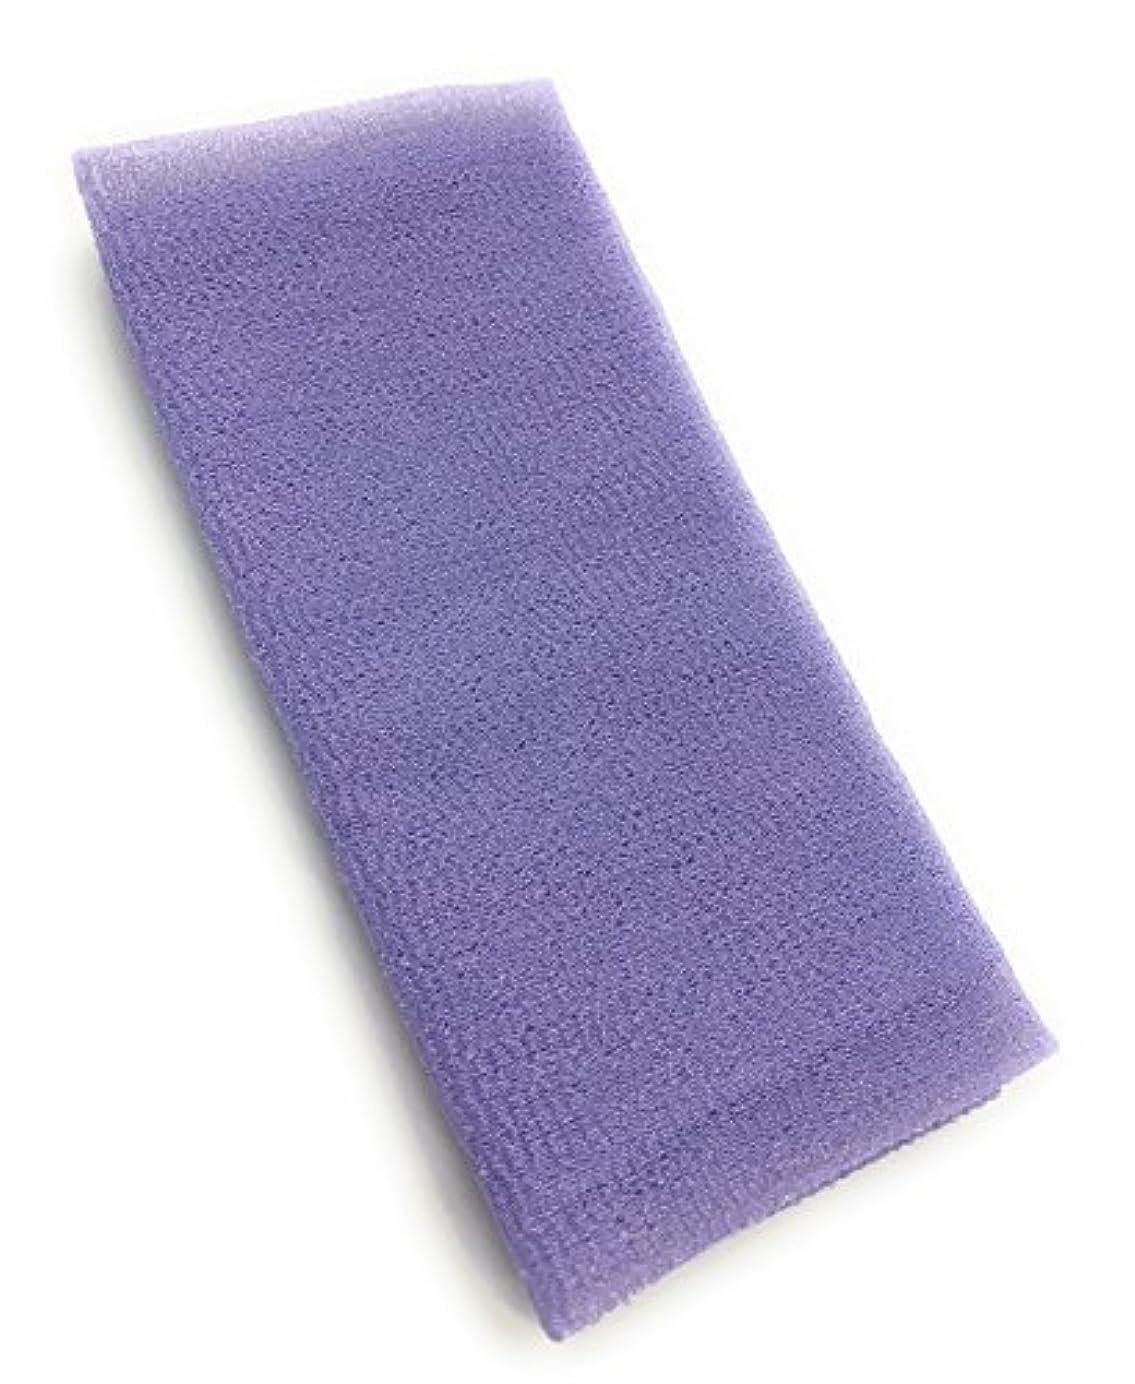 見る人謝る熟したMaltose あかすりタオル ボディタオル ロングボディブラシ やわらか 濃密泡 背中 お風呂用 メンズ 4色 (パープル)